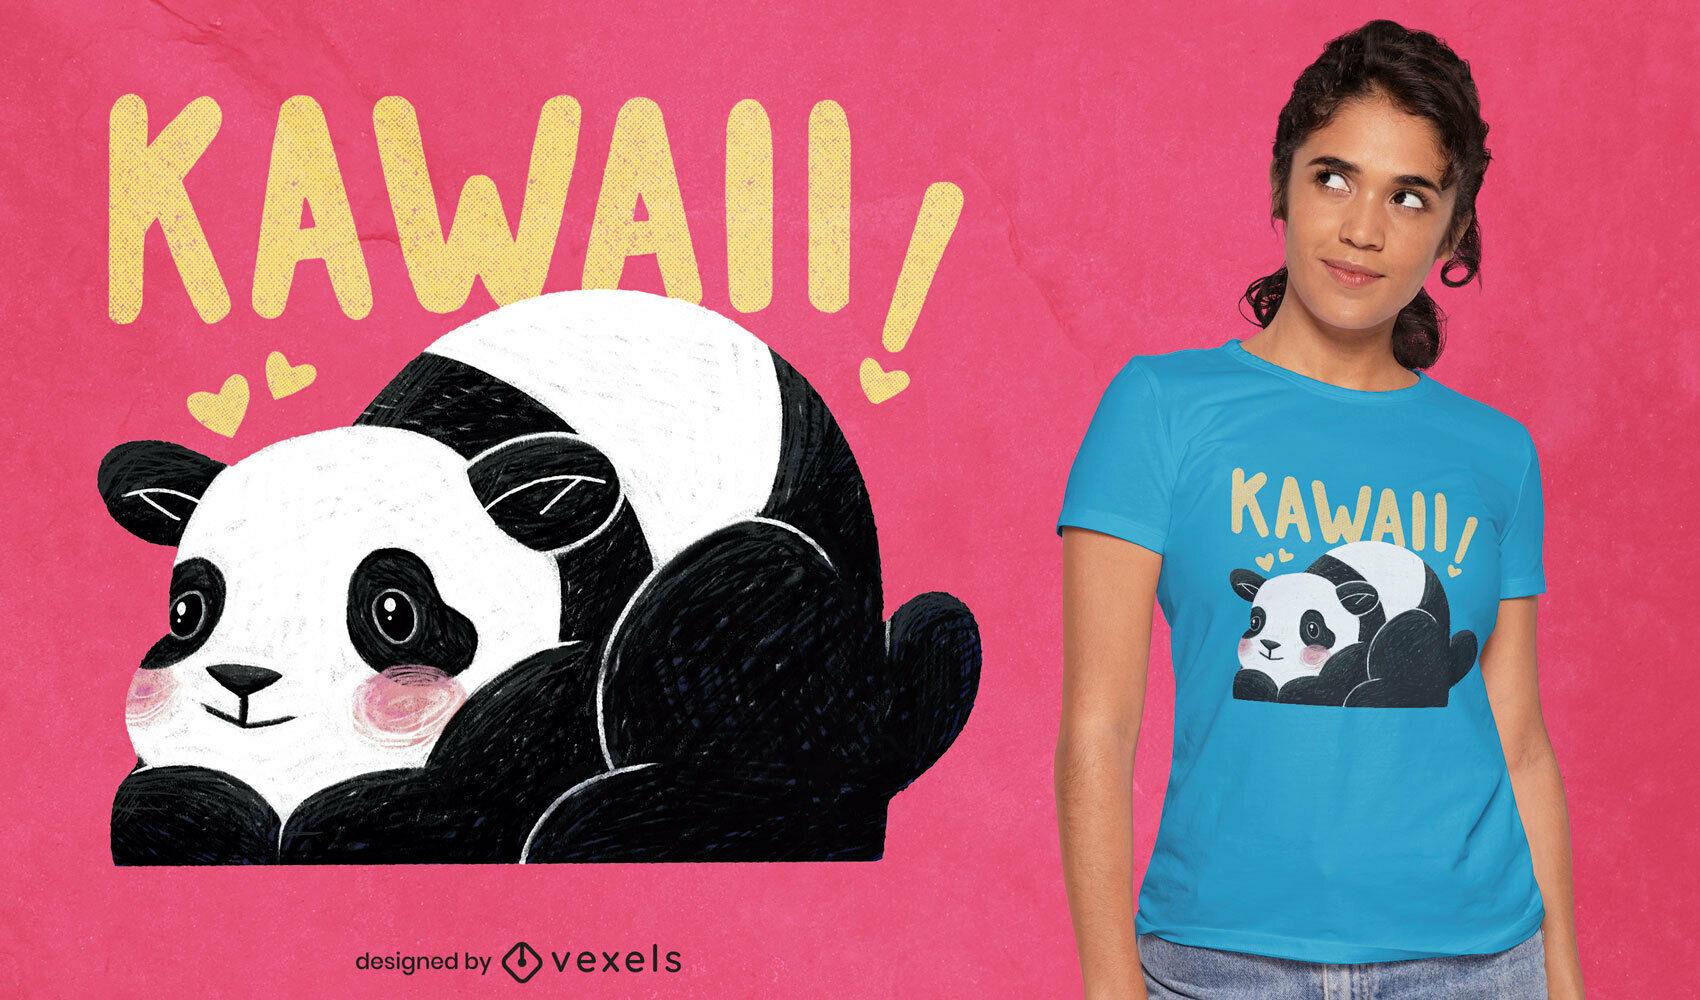 Kawaii panda psd t-shirt design